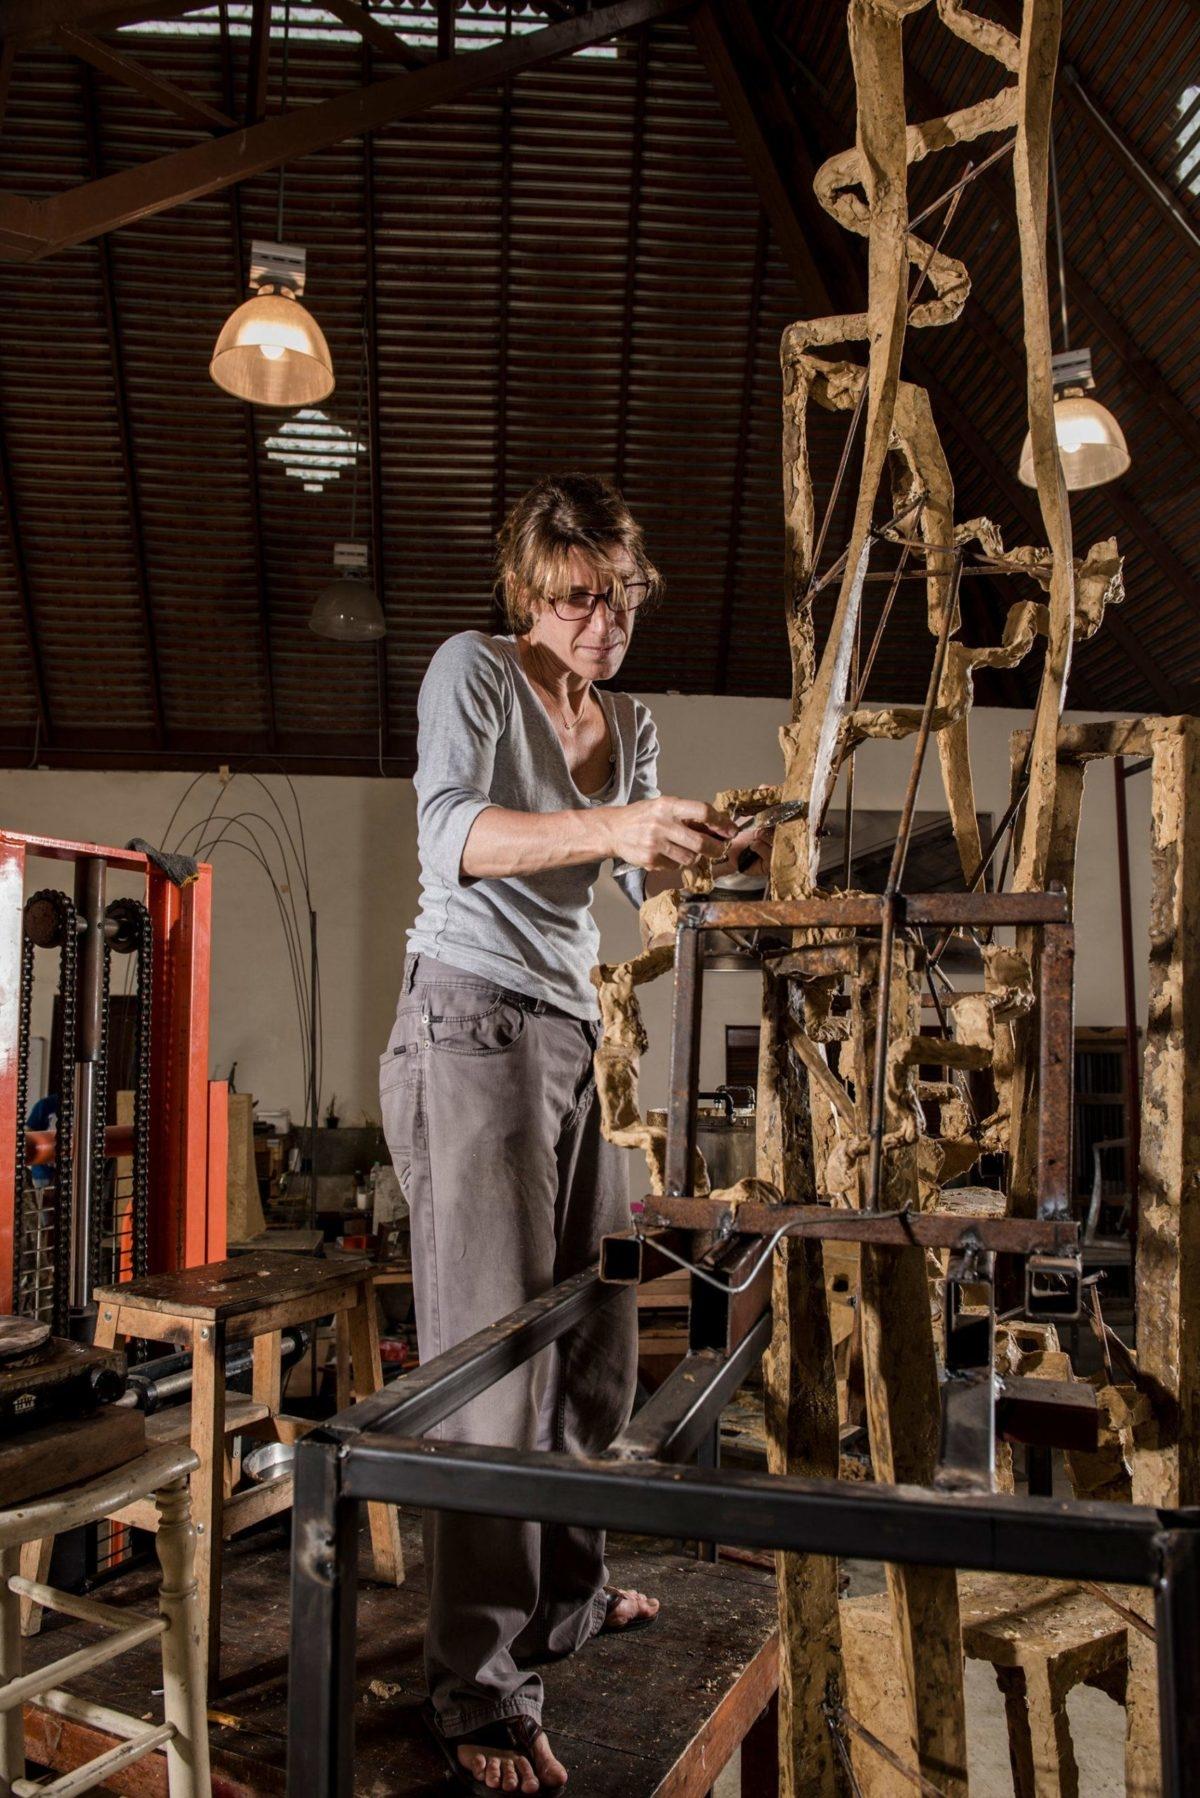 La sculpteure française Val - Valérie Goutard - dans son atelier de Bangkok faisant des sculptures en bronze avec Sculptureval